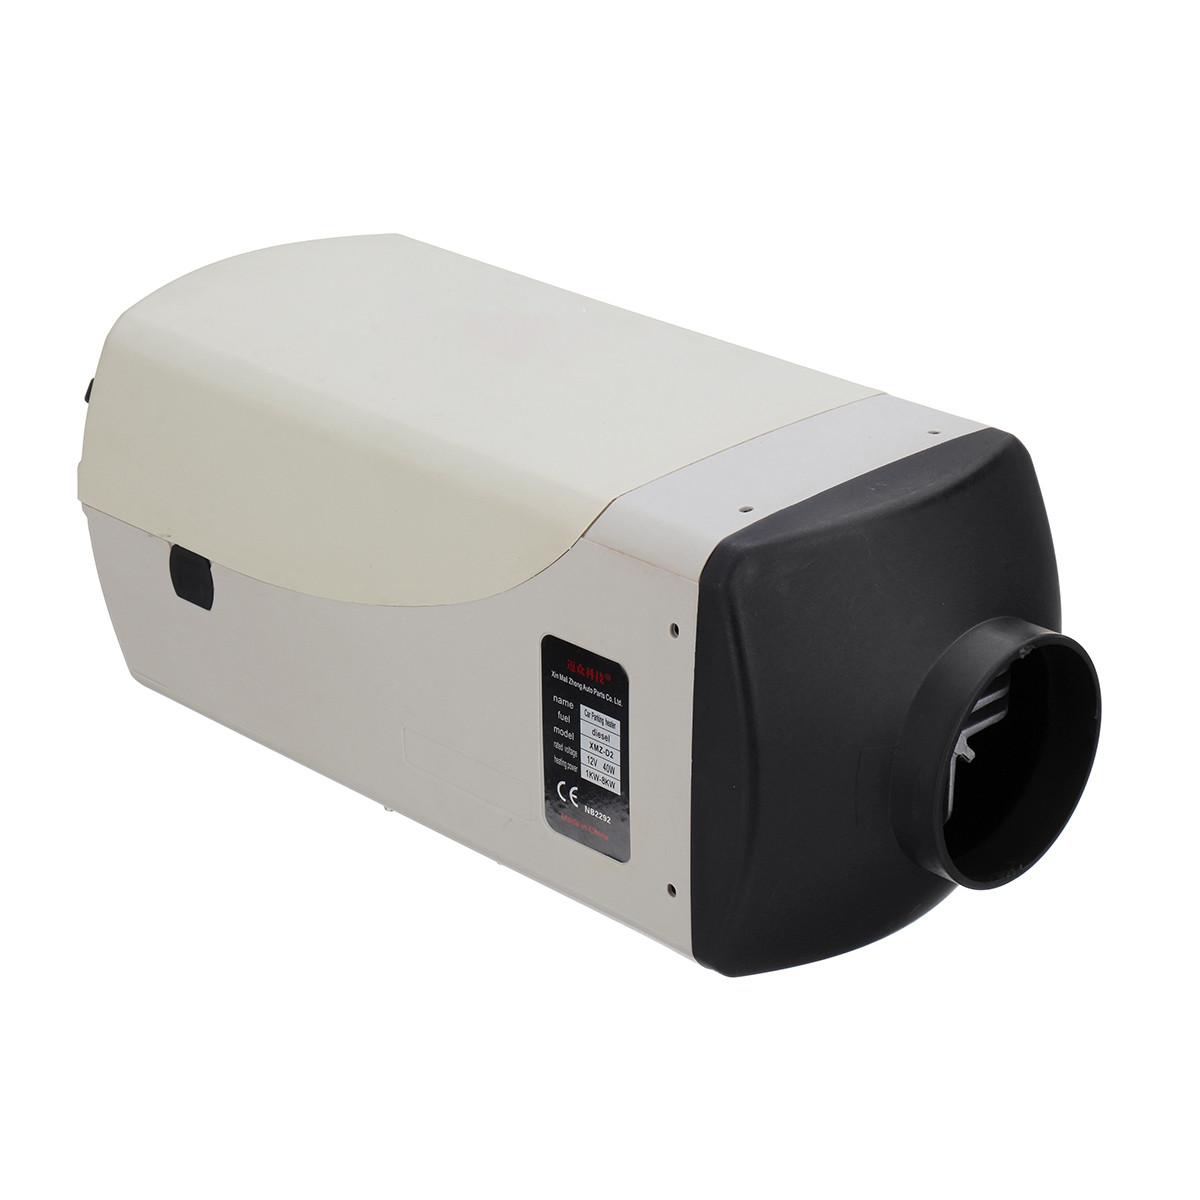 Дизель Air Parking Нагреватель 12V 8KW С Дистанционное Управление LCD Монитор Для прицепа Авто RV Лодка - 1TopShop